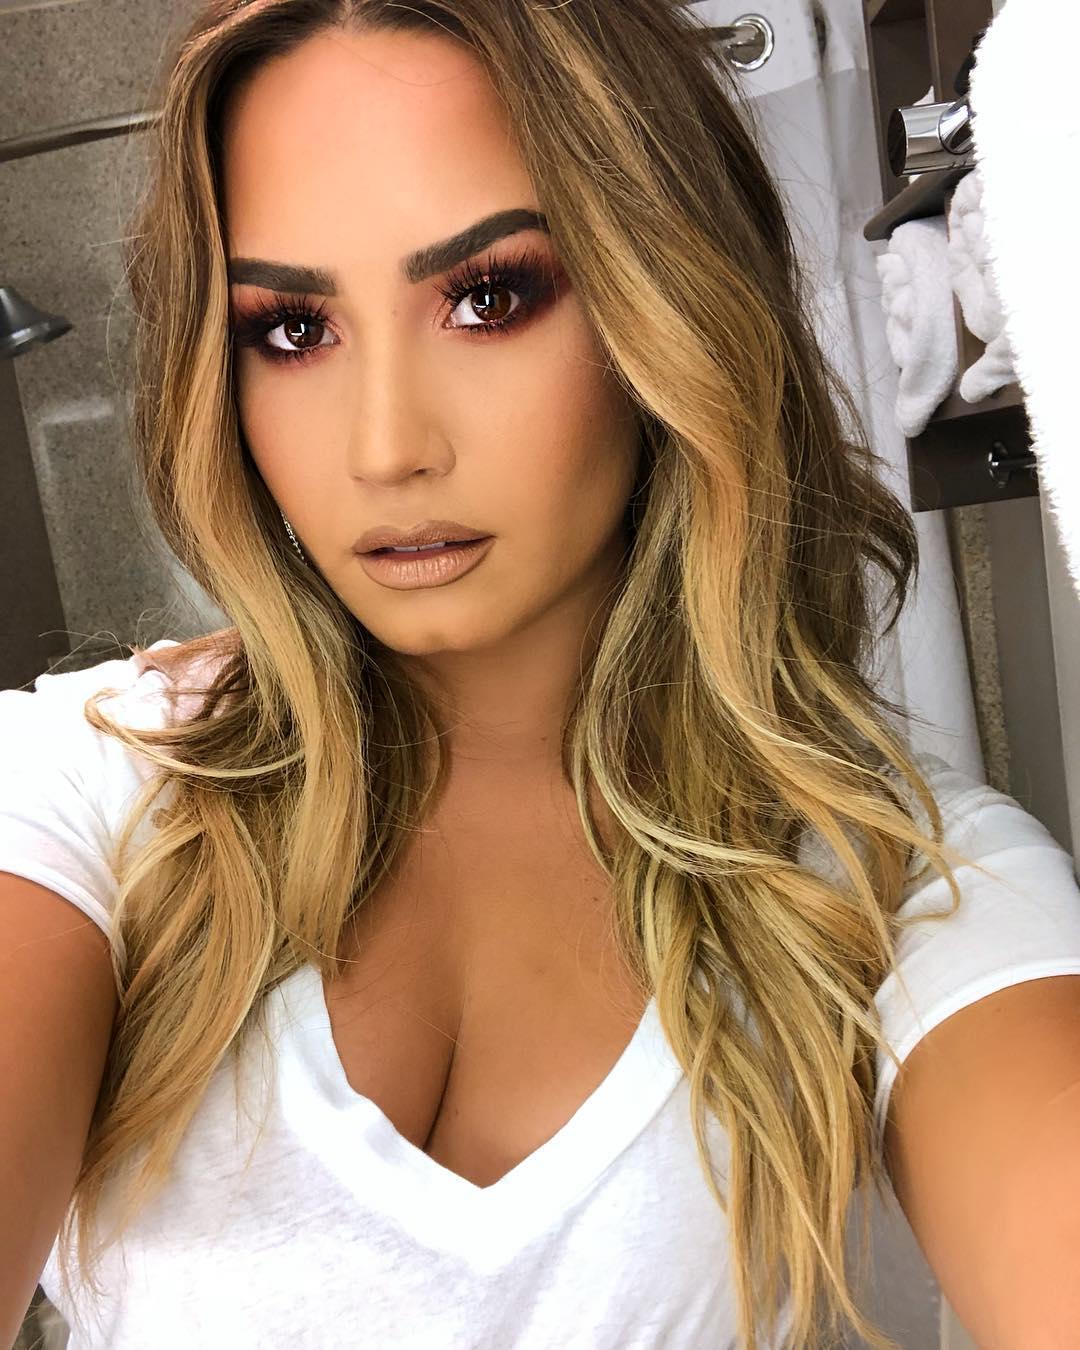 Demi Lovato tomandose una selfie